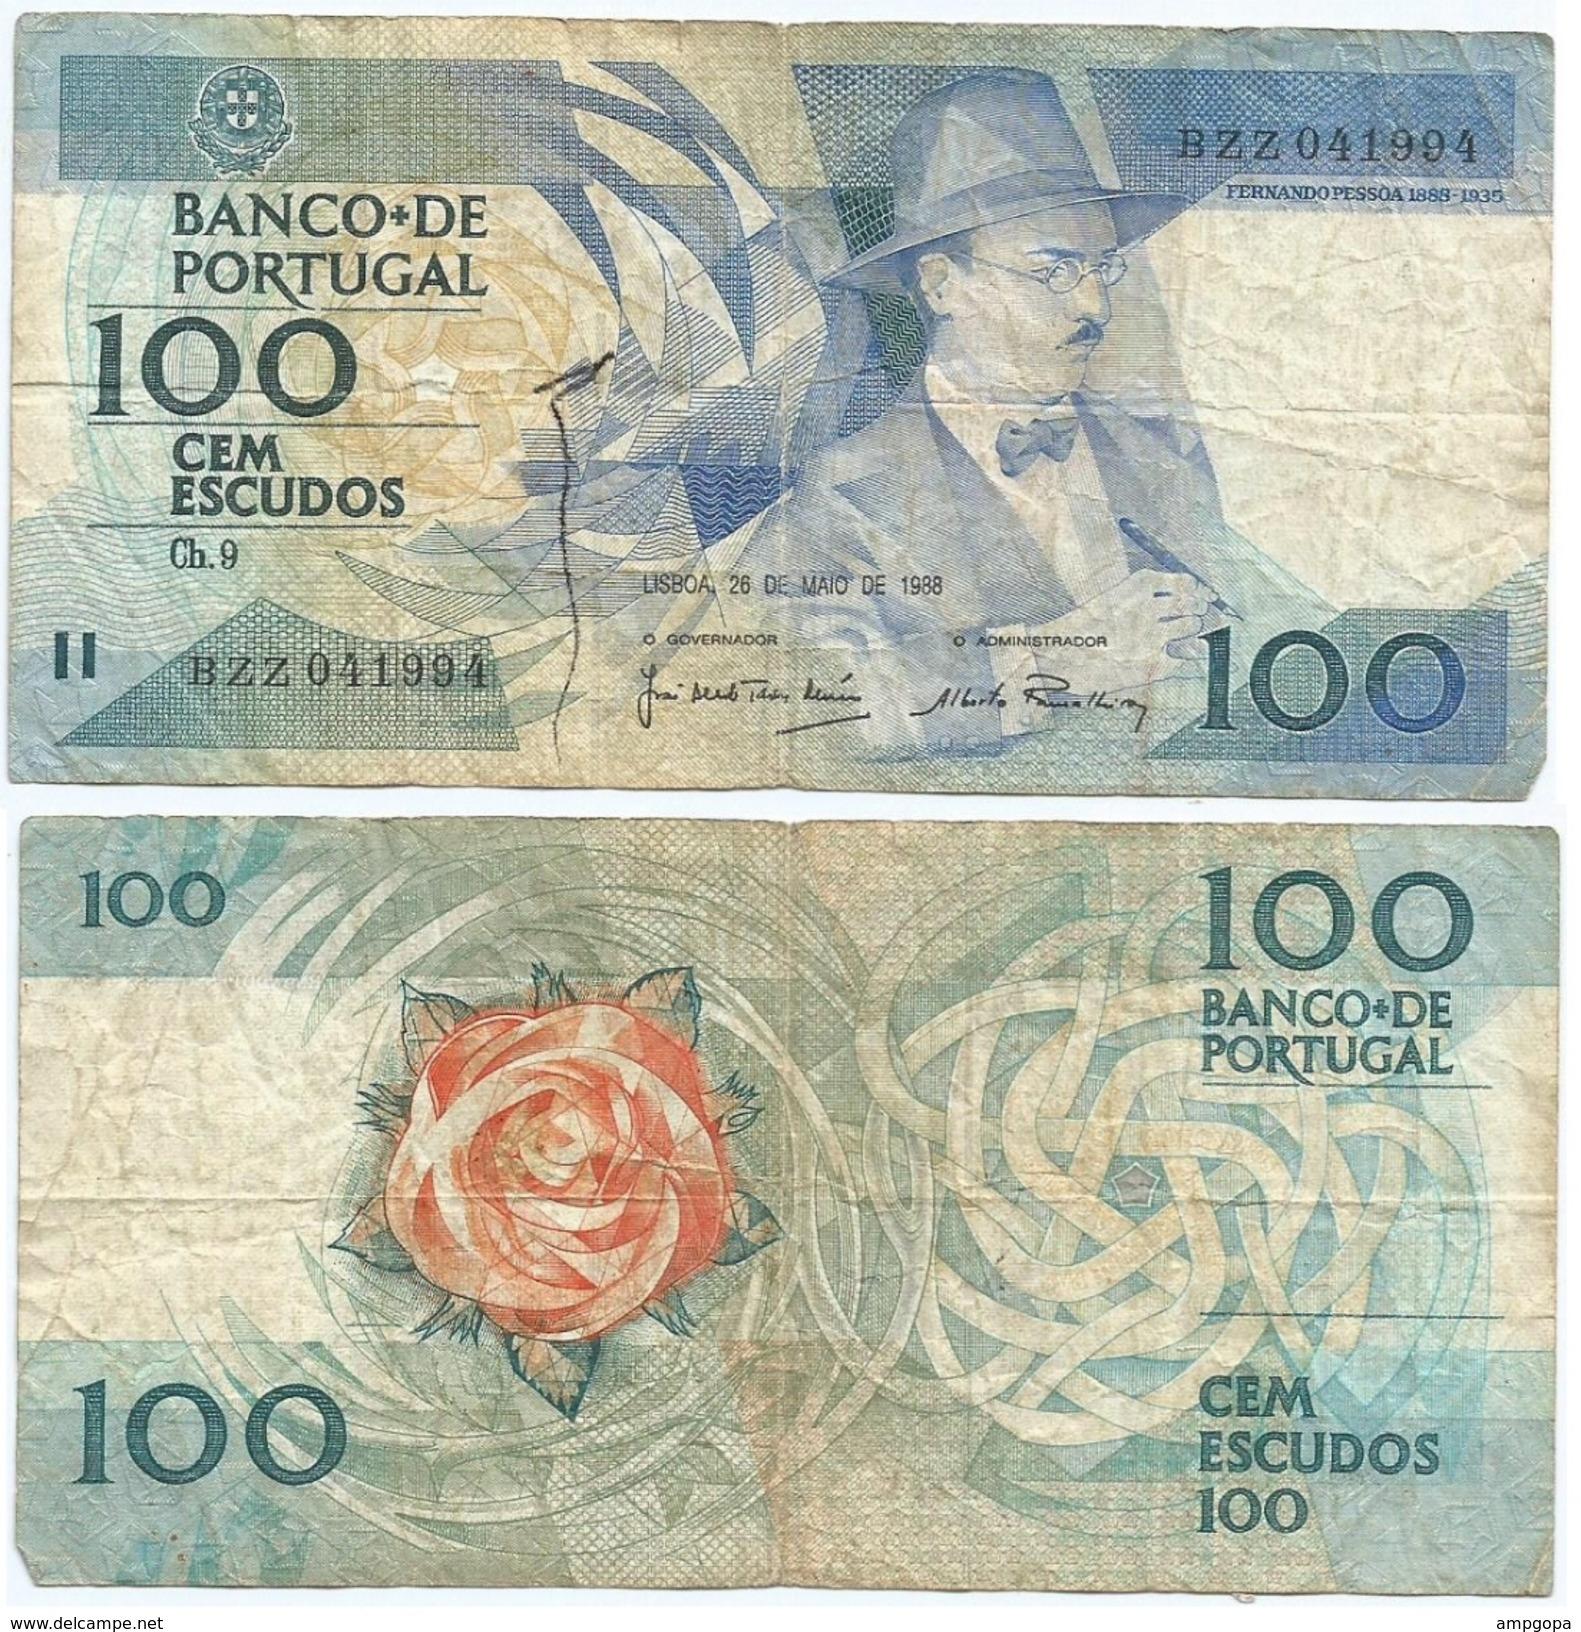 Portugal 100 Escudos 26-05-1988 Pick 179.e.5 Ref 645 - Portugal